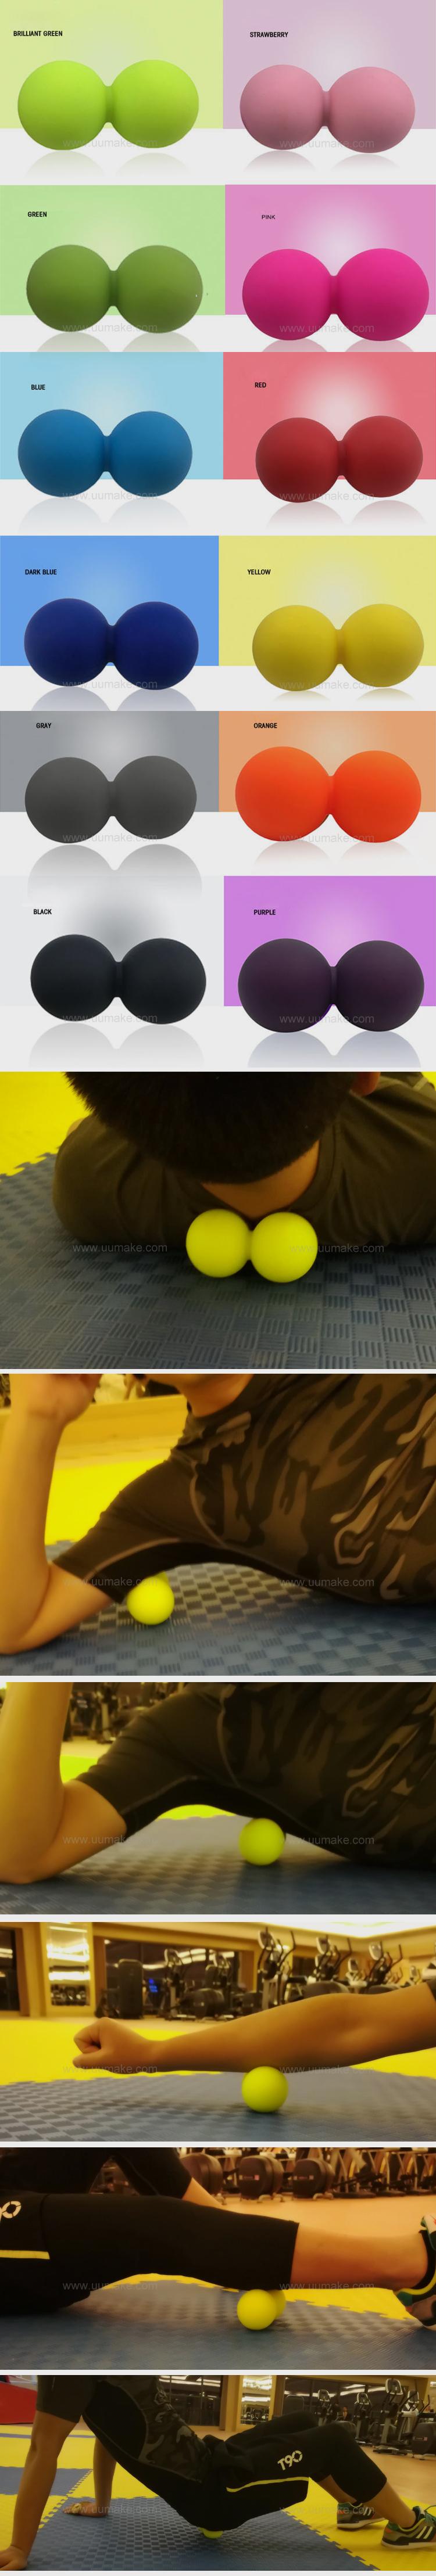 硅膠健身按摩球,瑜伽球,足底全身肌肉穴位放鬆球,定制,定做,批發,贈品,禮品定制.硅膠按摩球